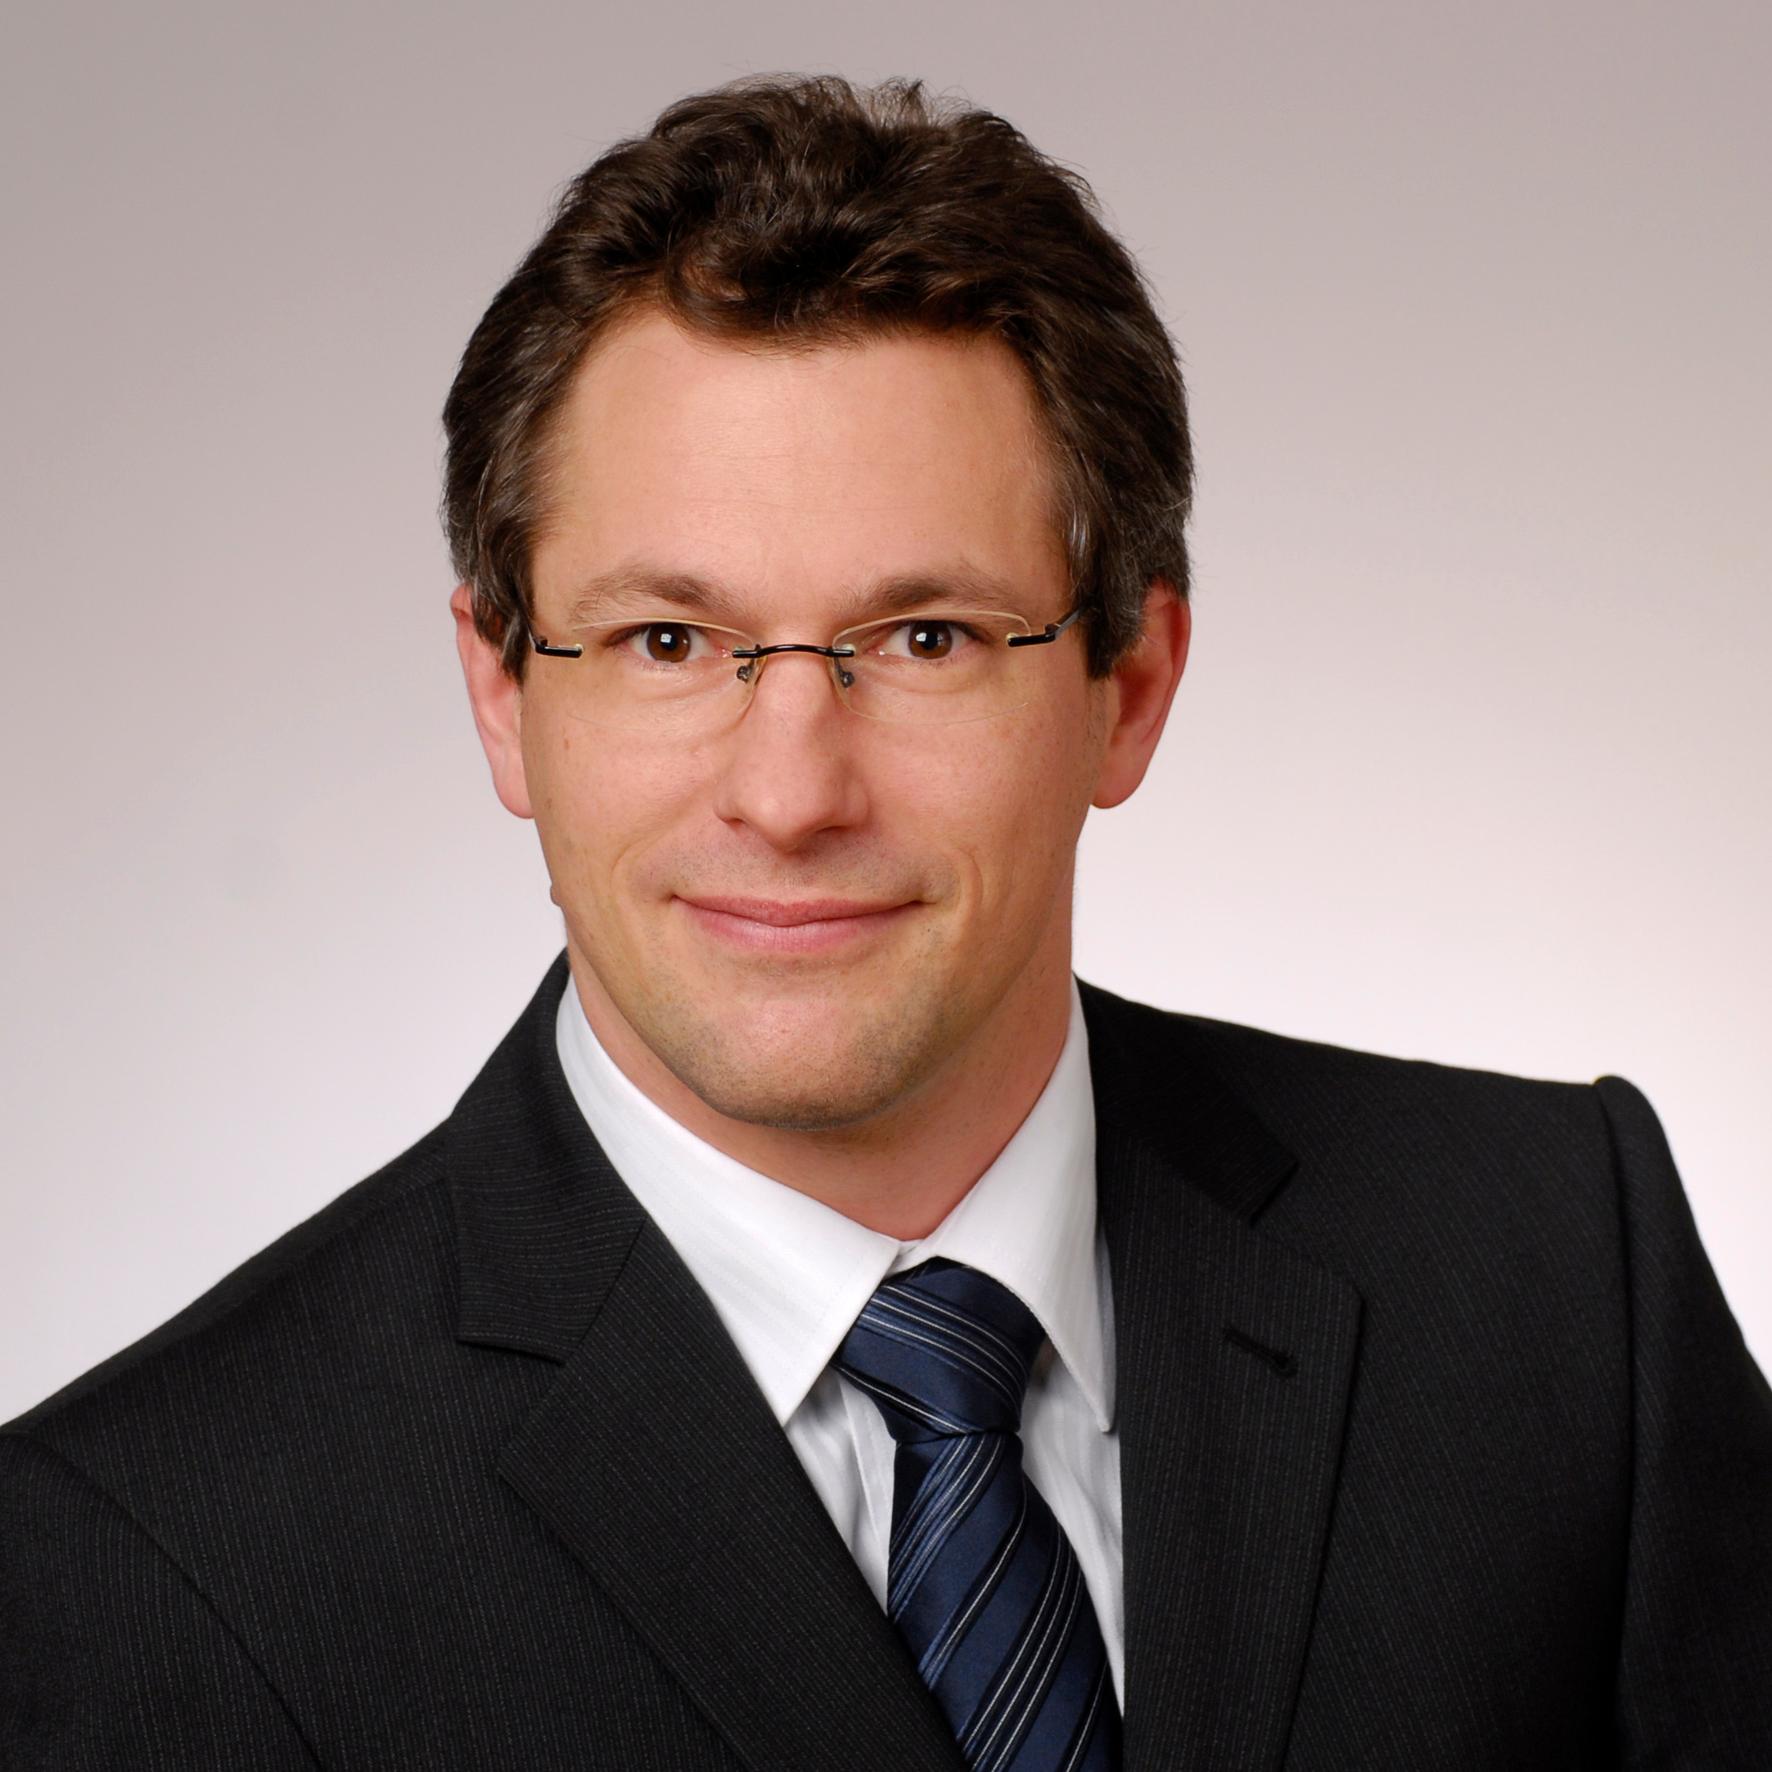 Dr. Thomas Maier-Komor